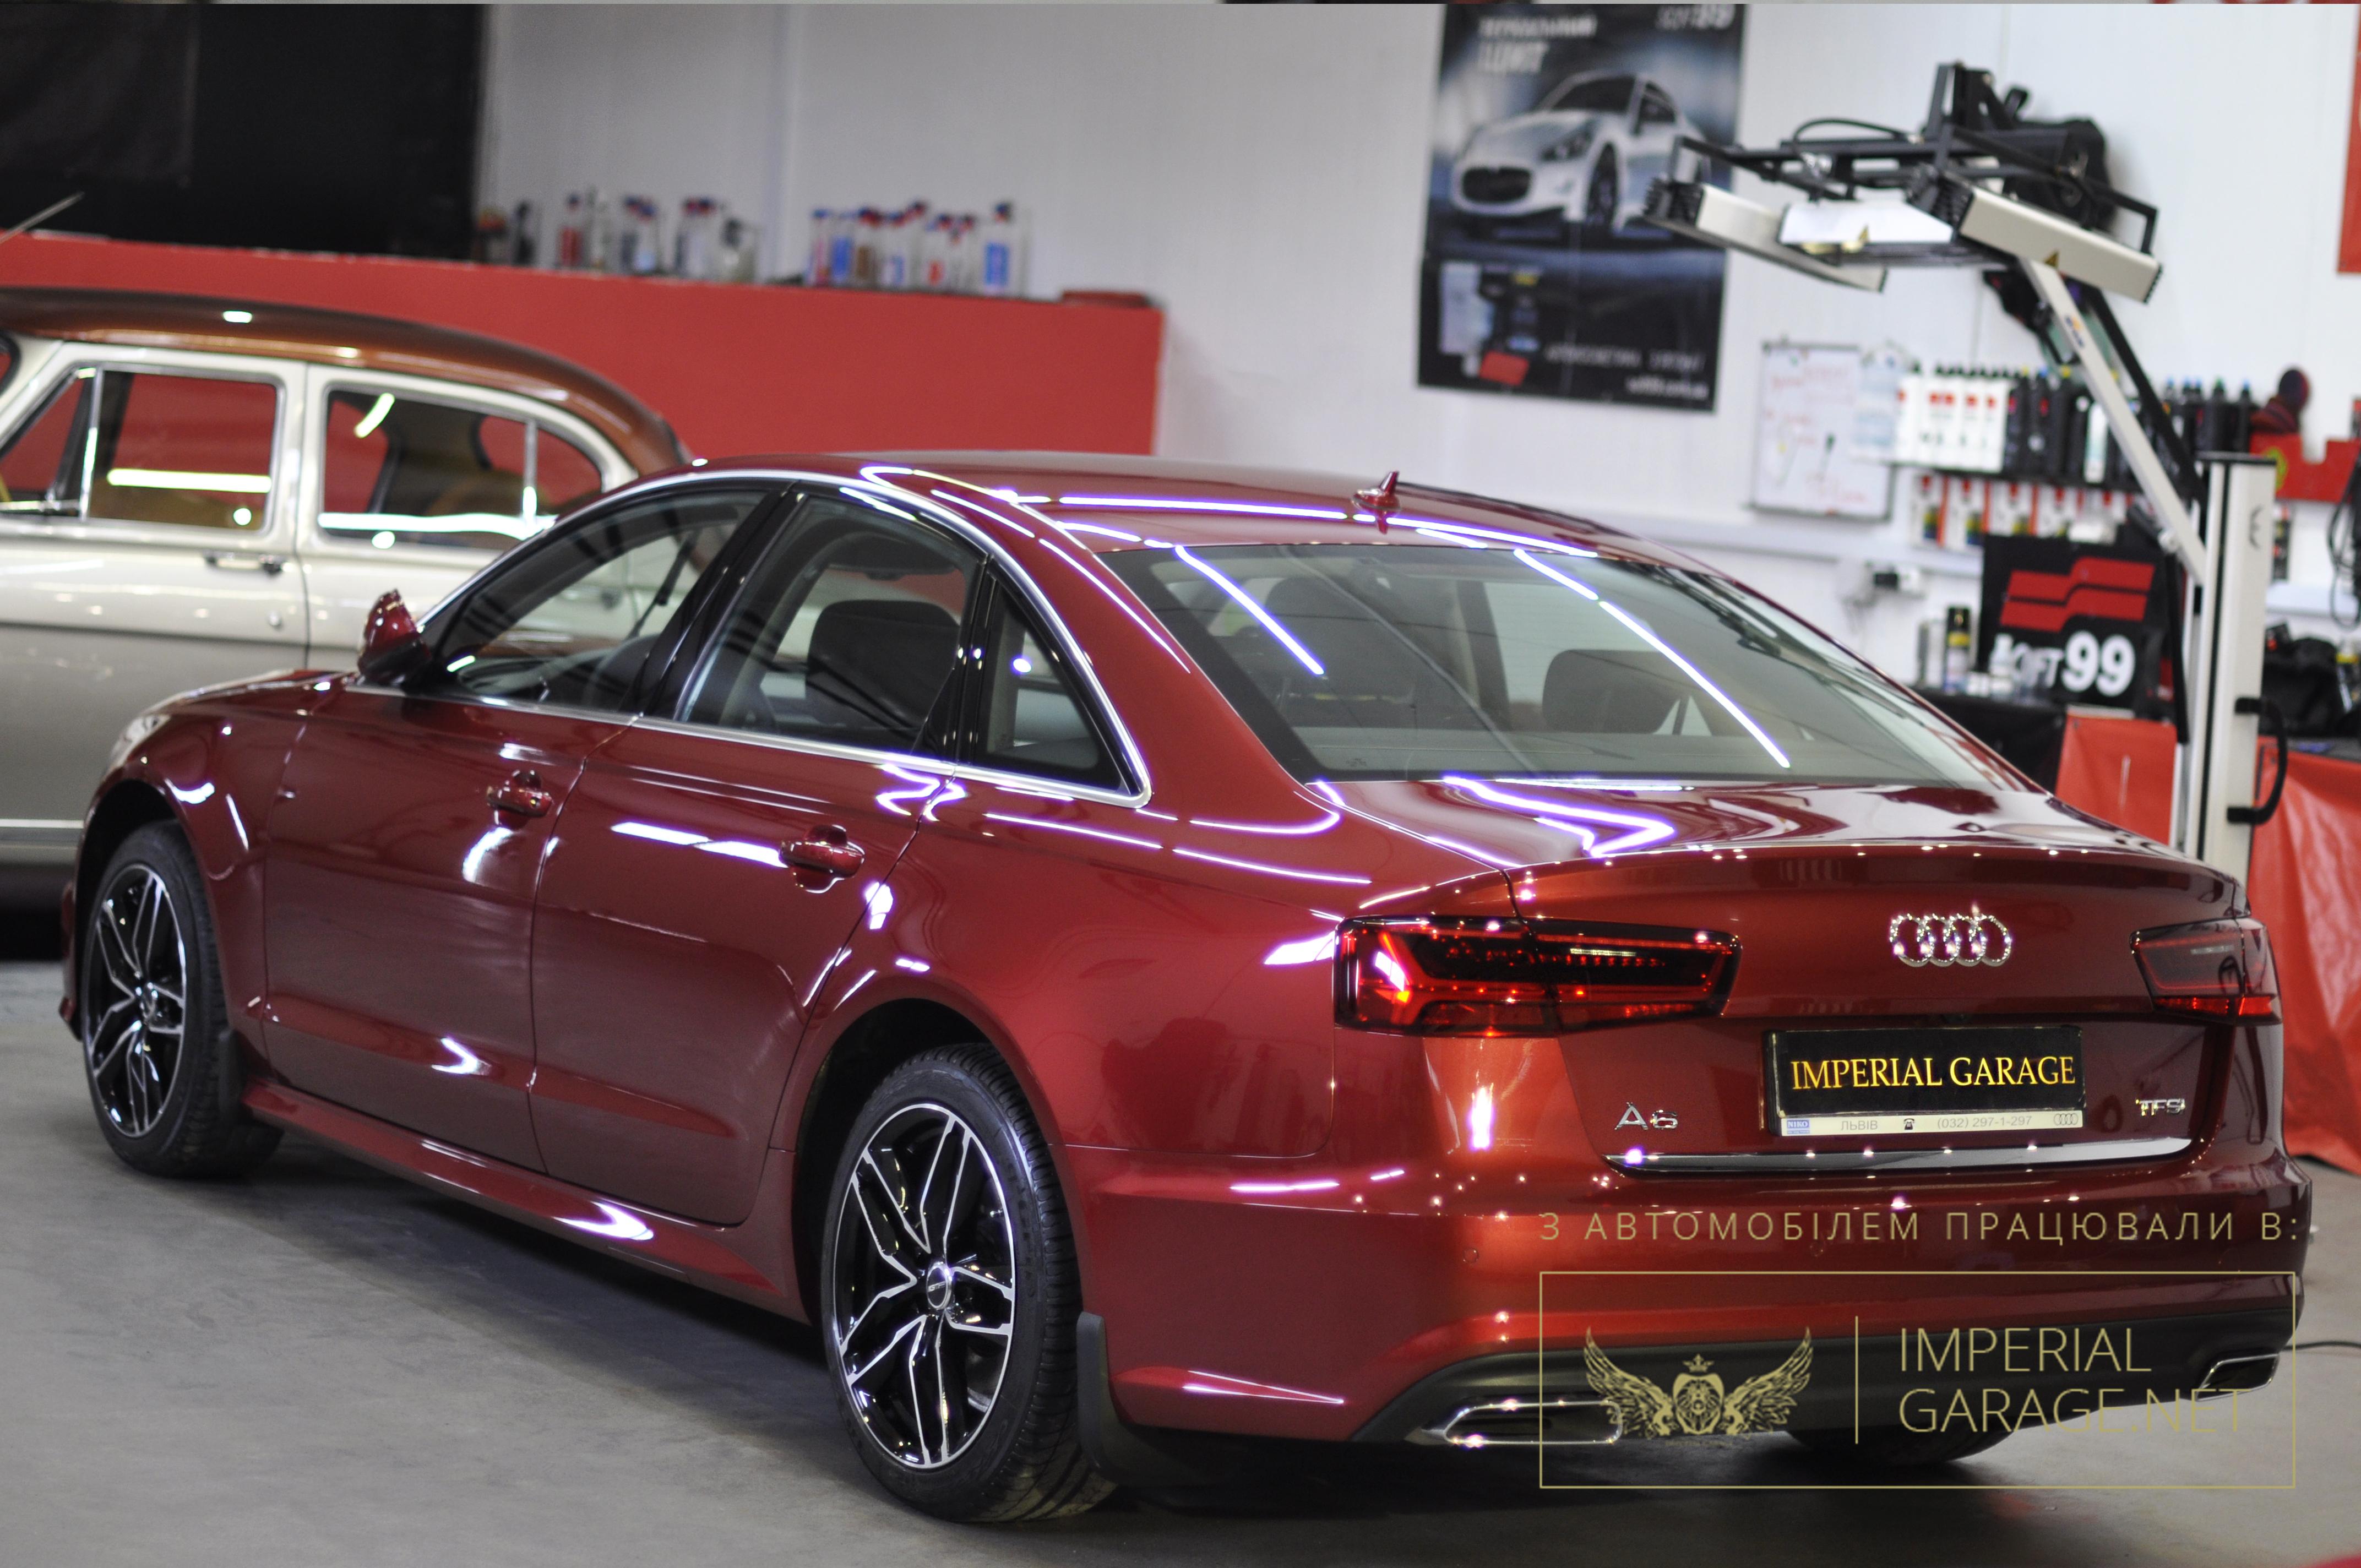 Захист рідким склом Audi A6